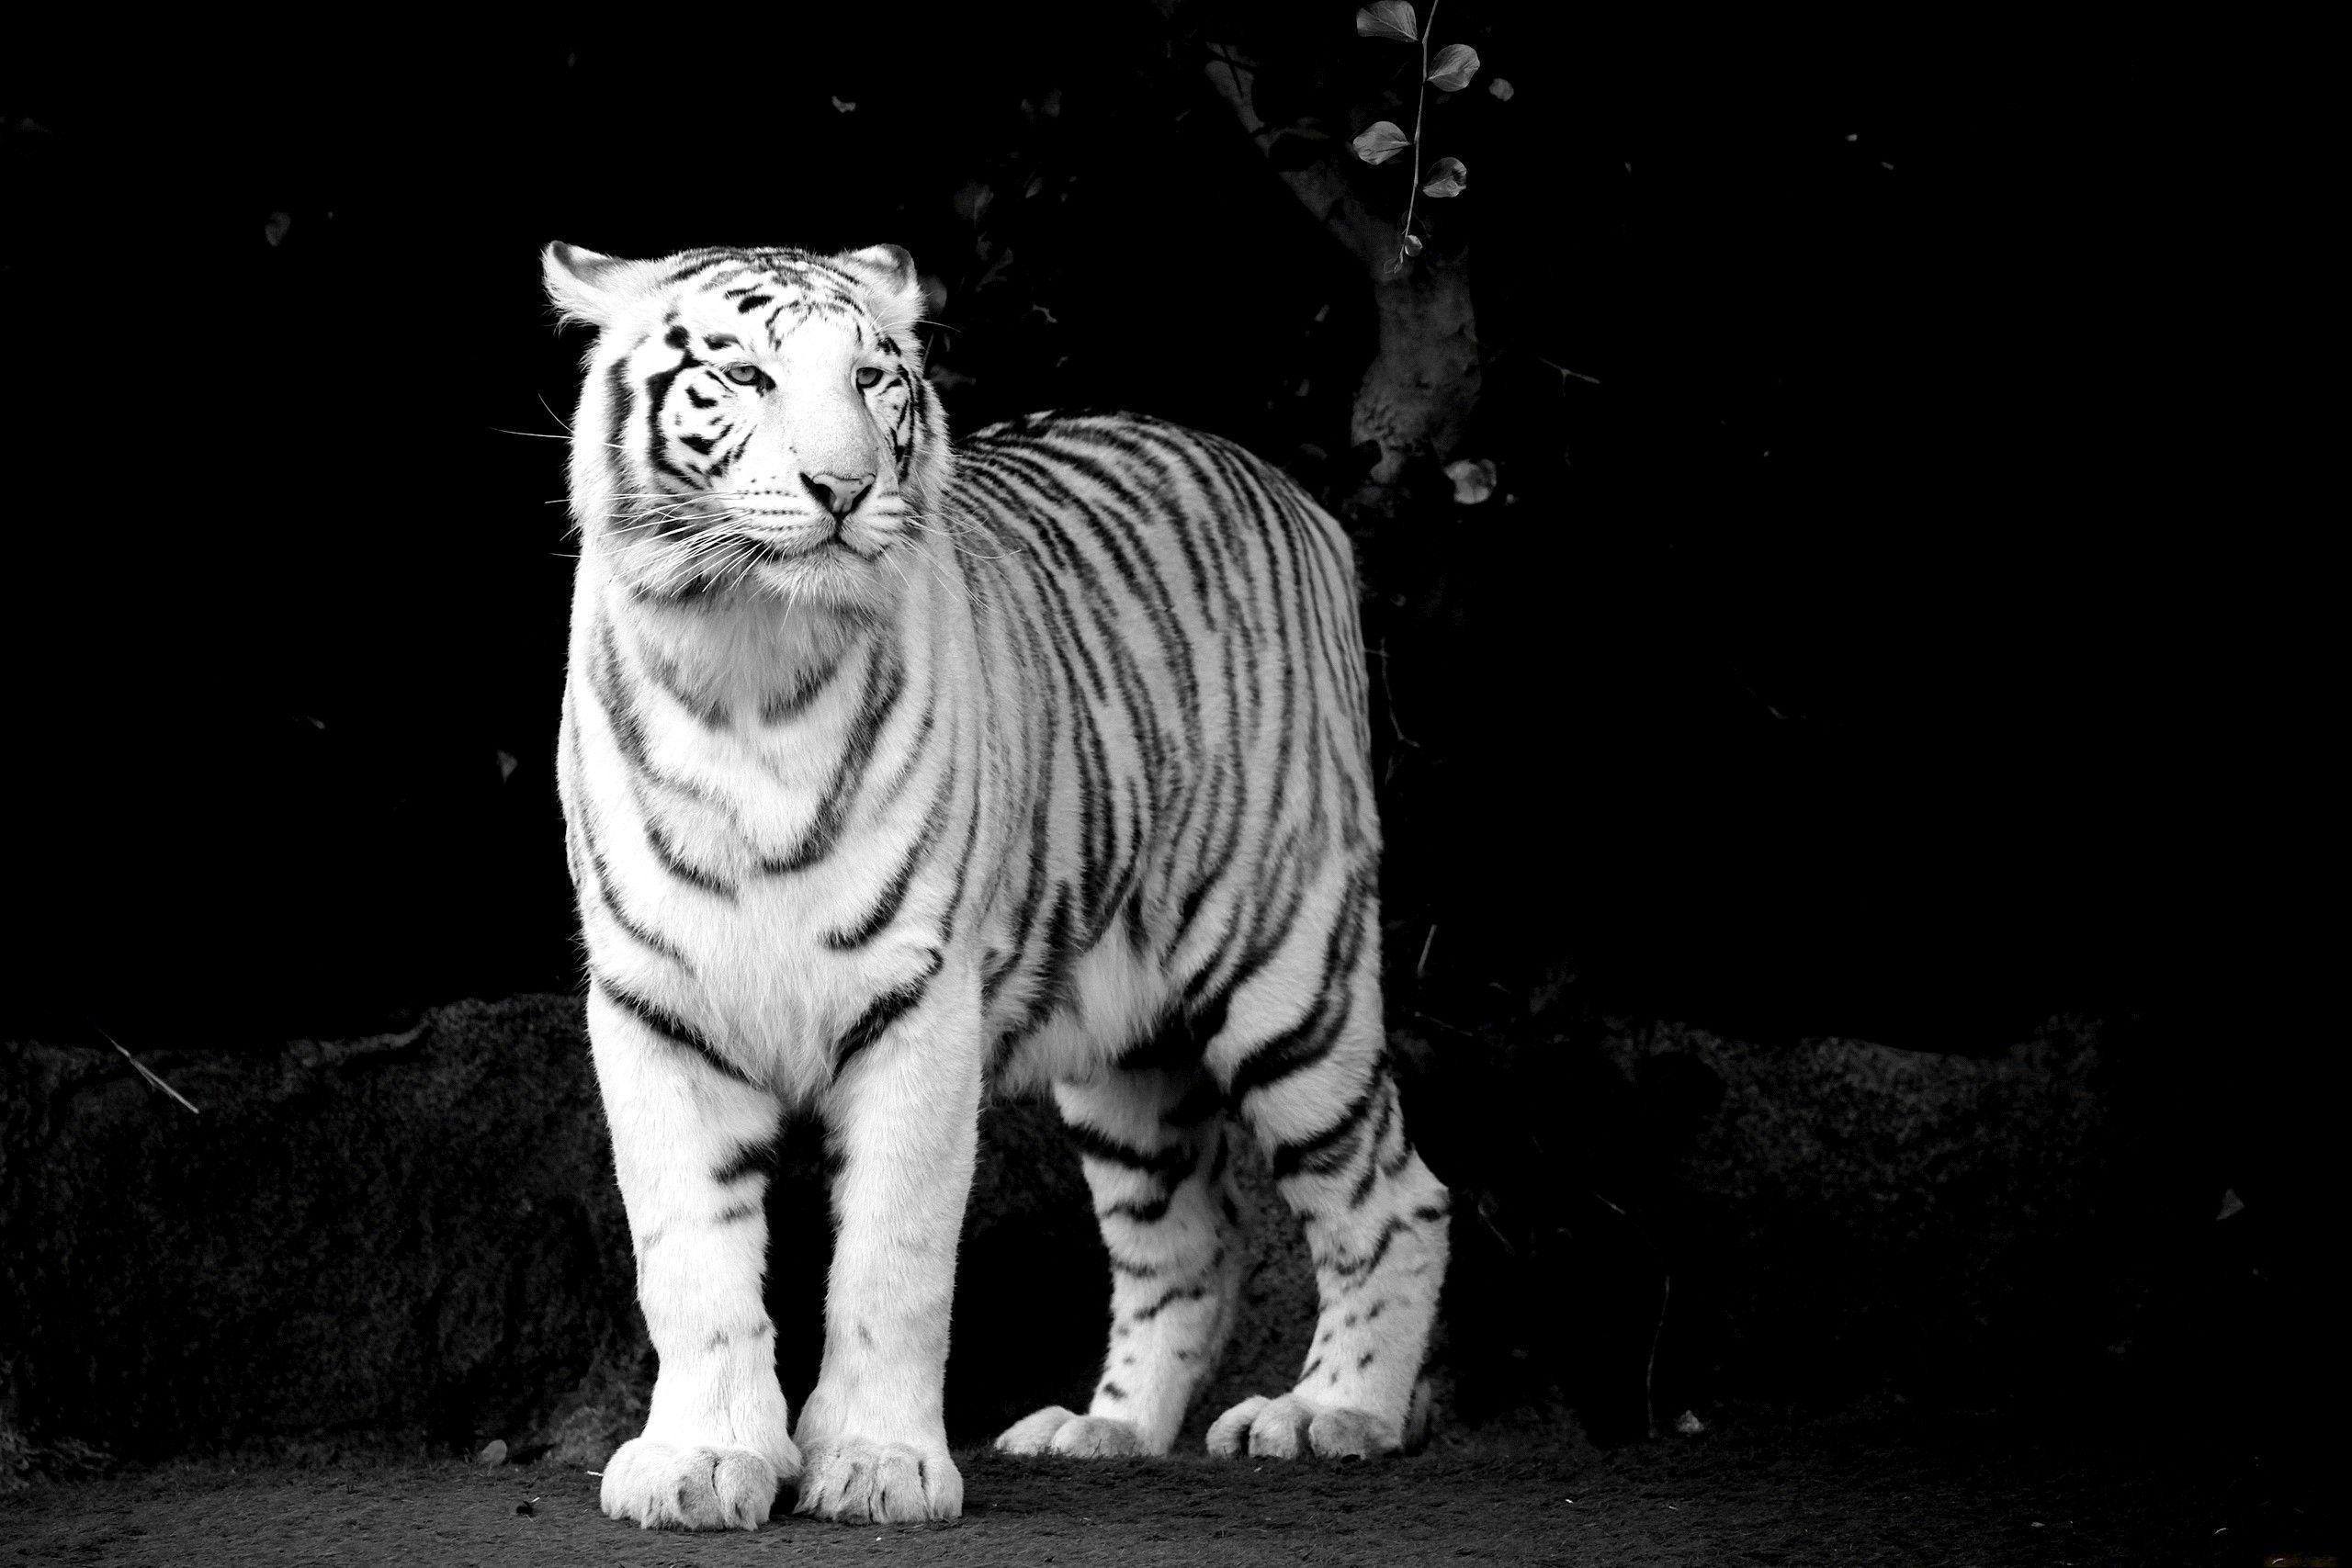 White Tiger Black Background · Tiger Wallpapers | Best Desktop .